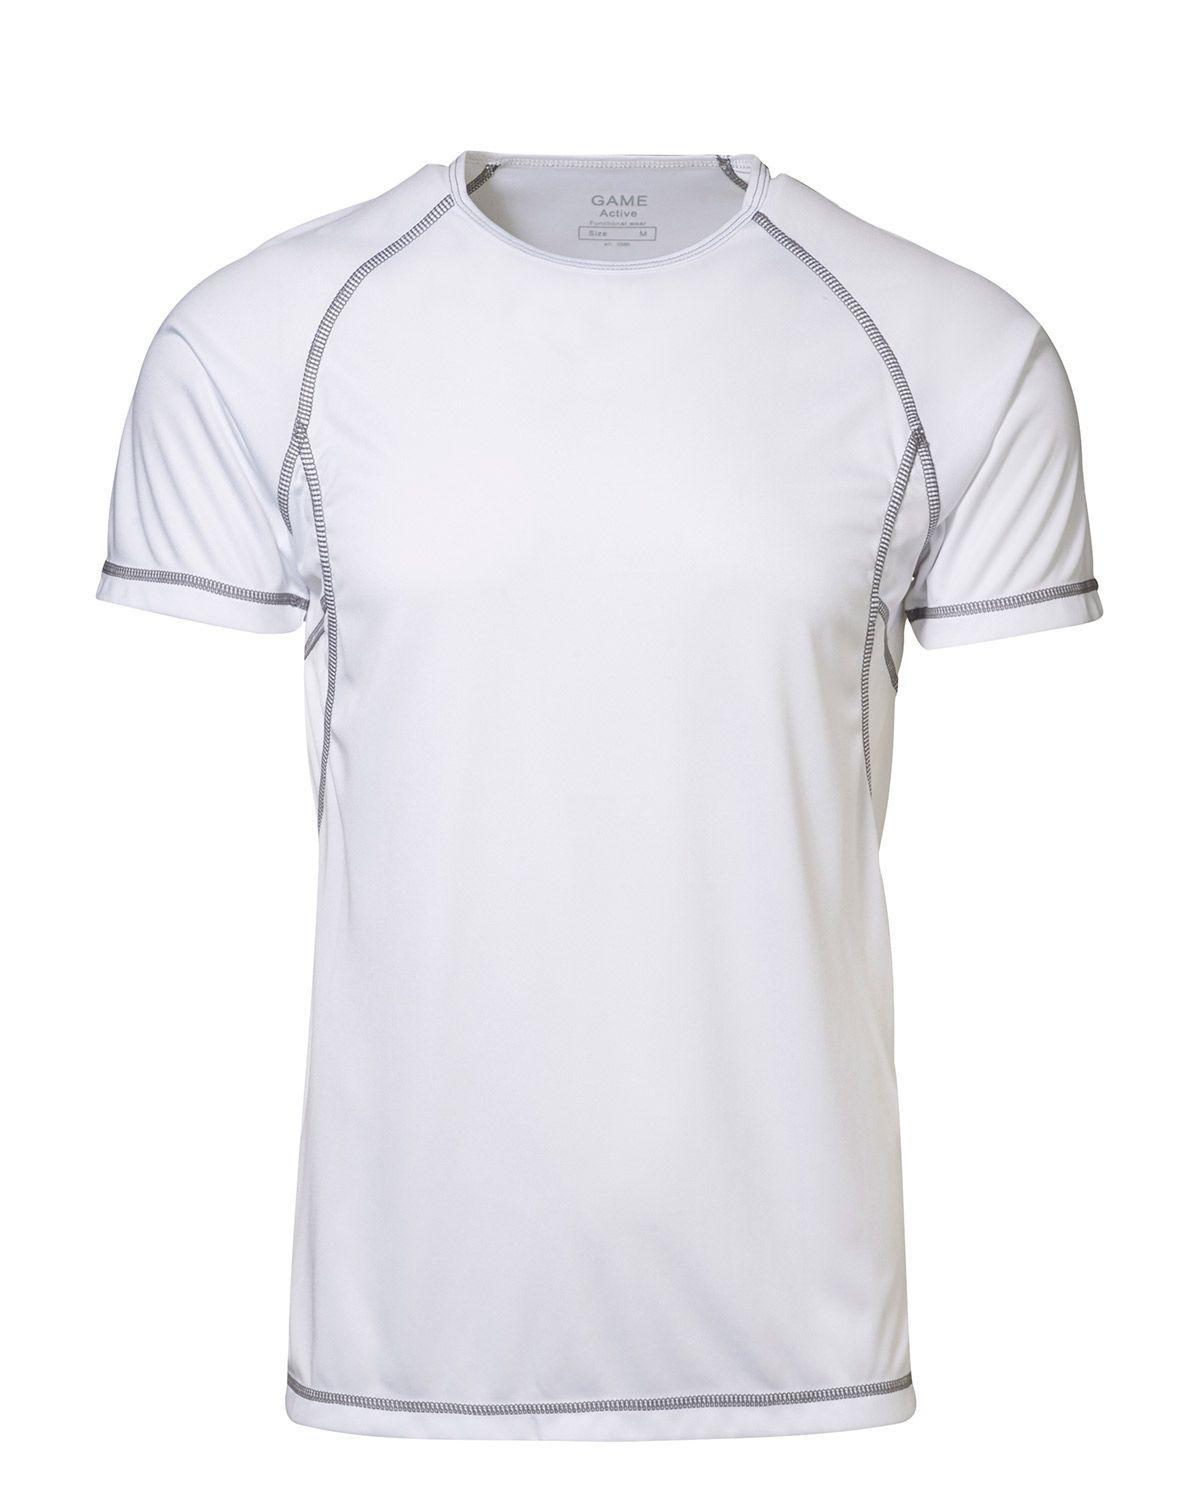 mænds tanktoppe salg | Herre shirt uden ærmer engelsk digt